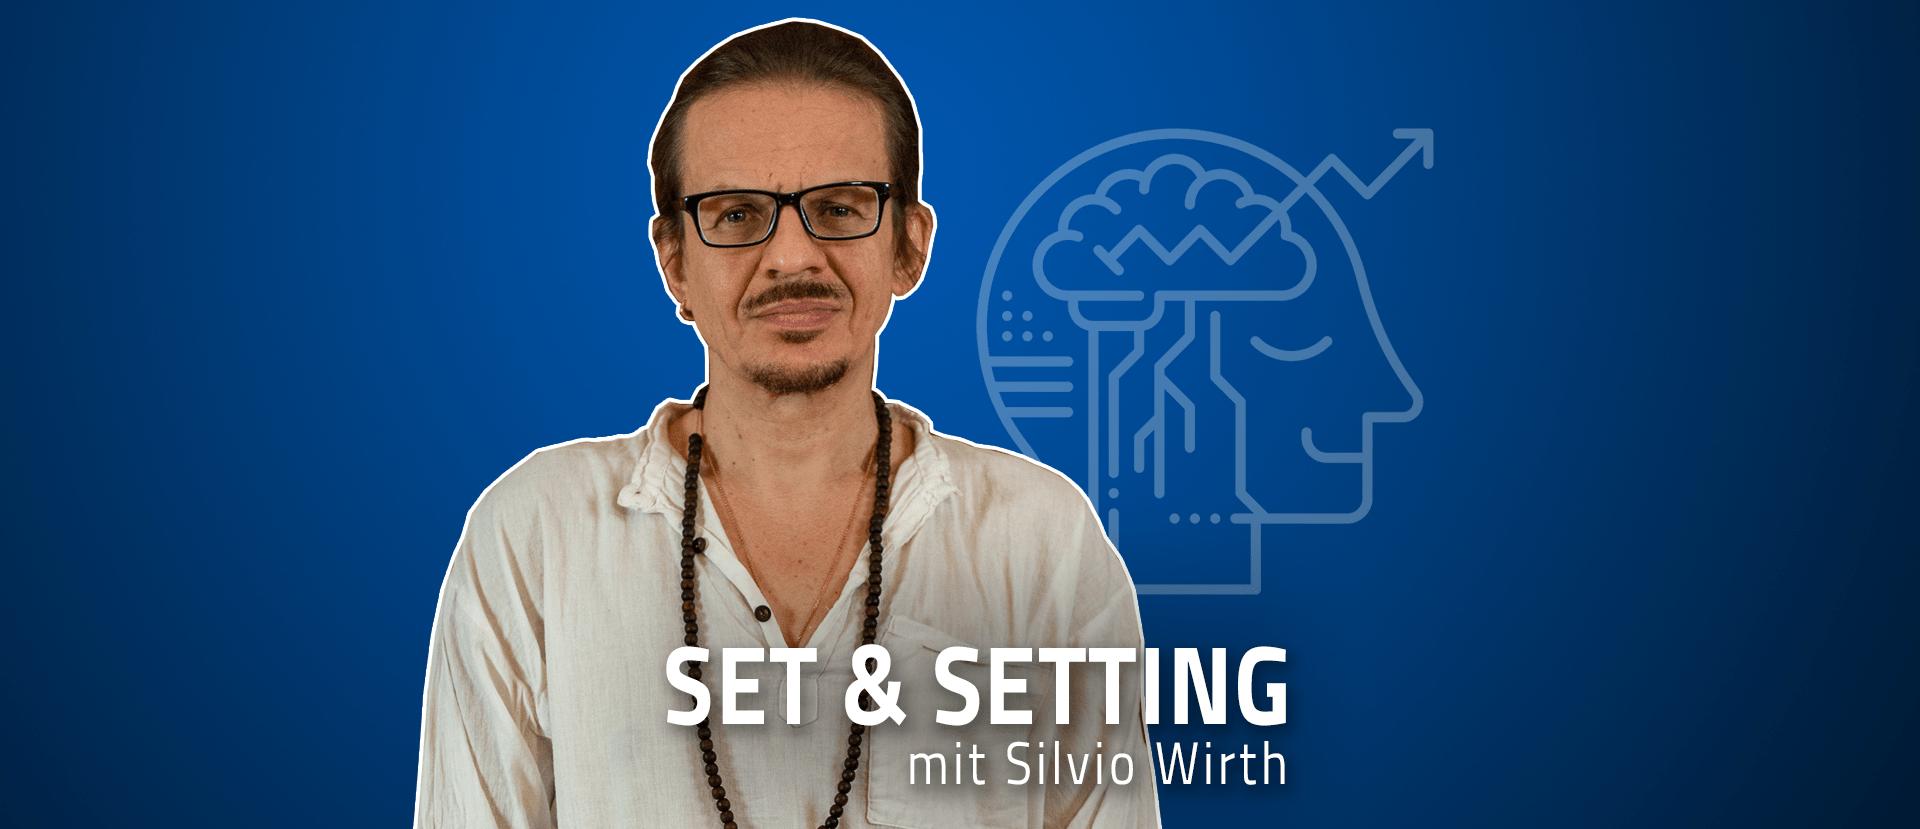 #33 Sex auf LSD? Der Sexualtherapeut Silvio Wirth über den tantrischen Weg und die Parallelen zum psychedelischen Lifestyle, Slow-Sex, Kundalini und Polyamorie